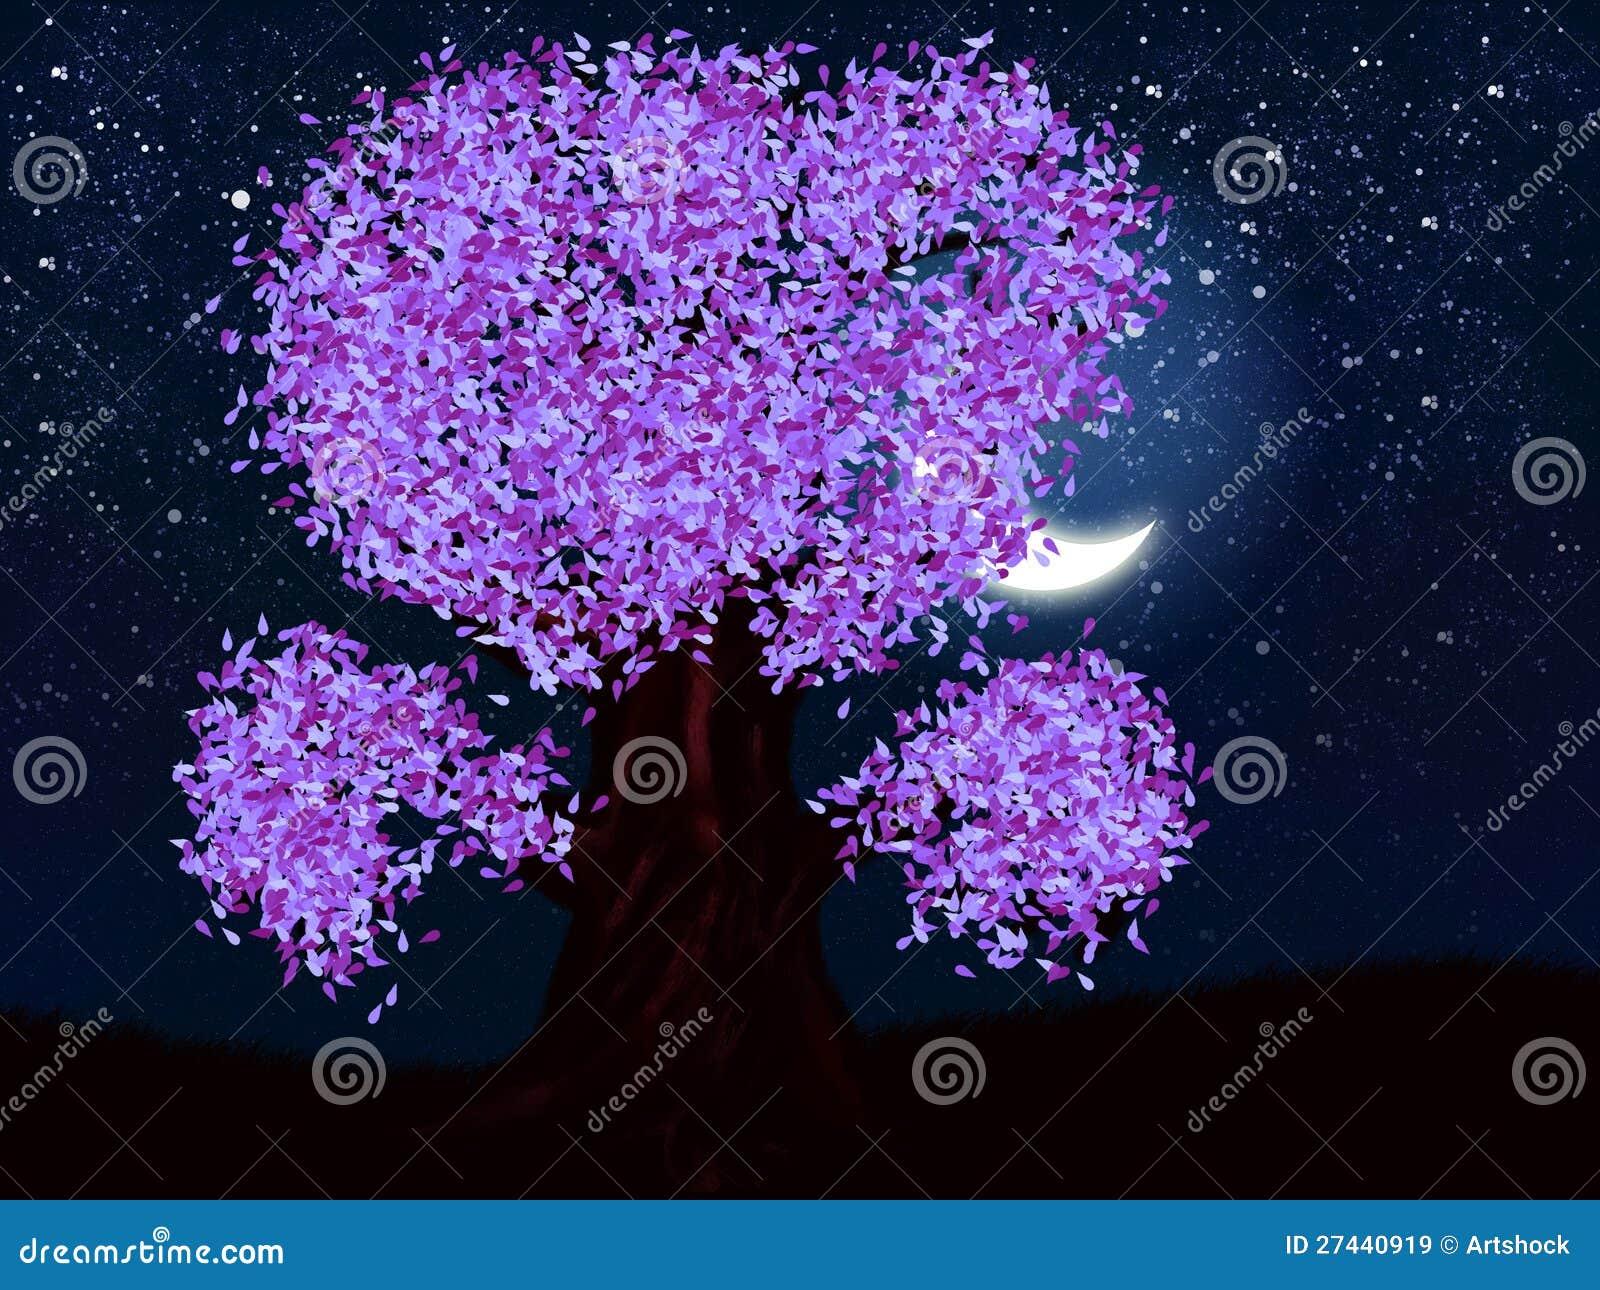 albero di notte di fantasia di colore viola illustrazione